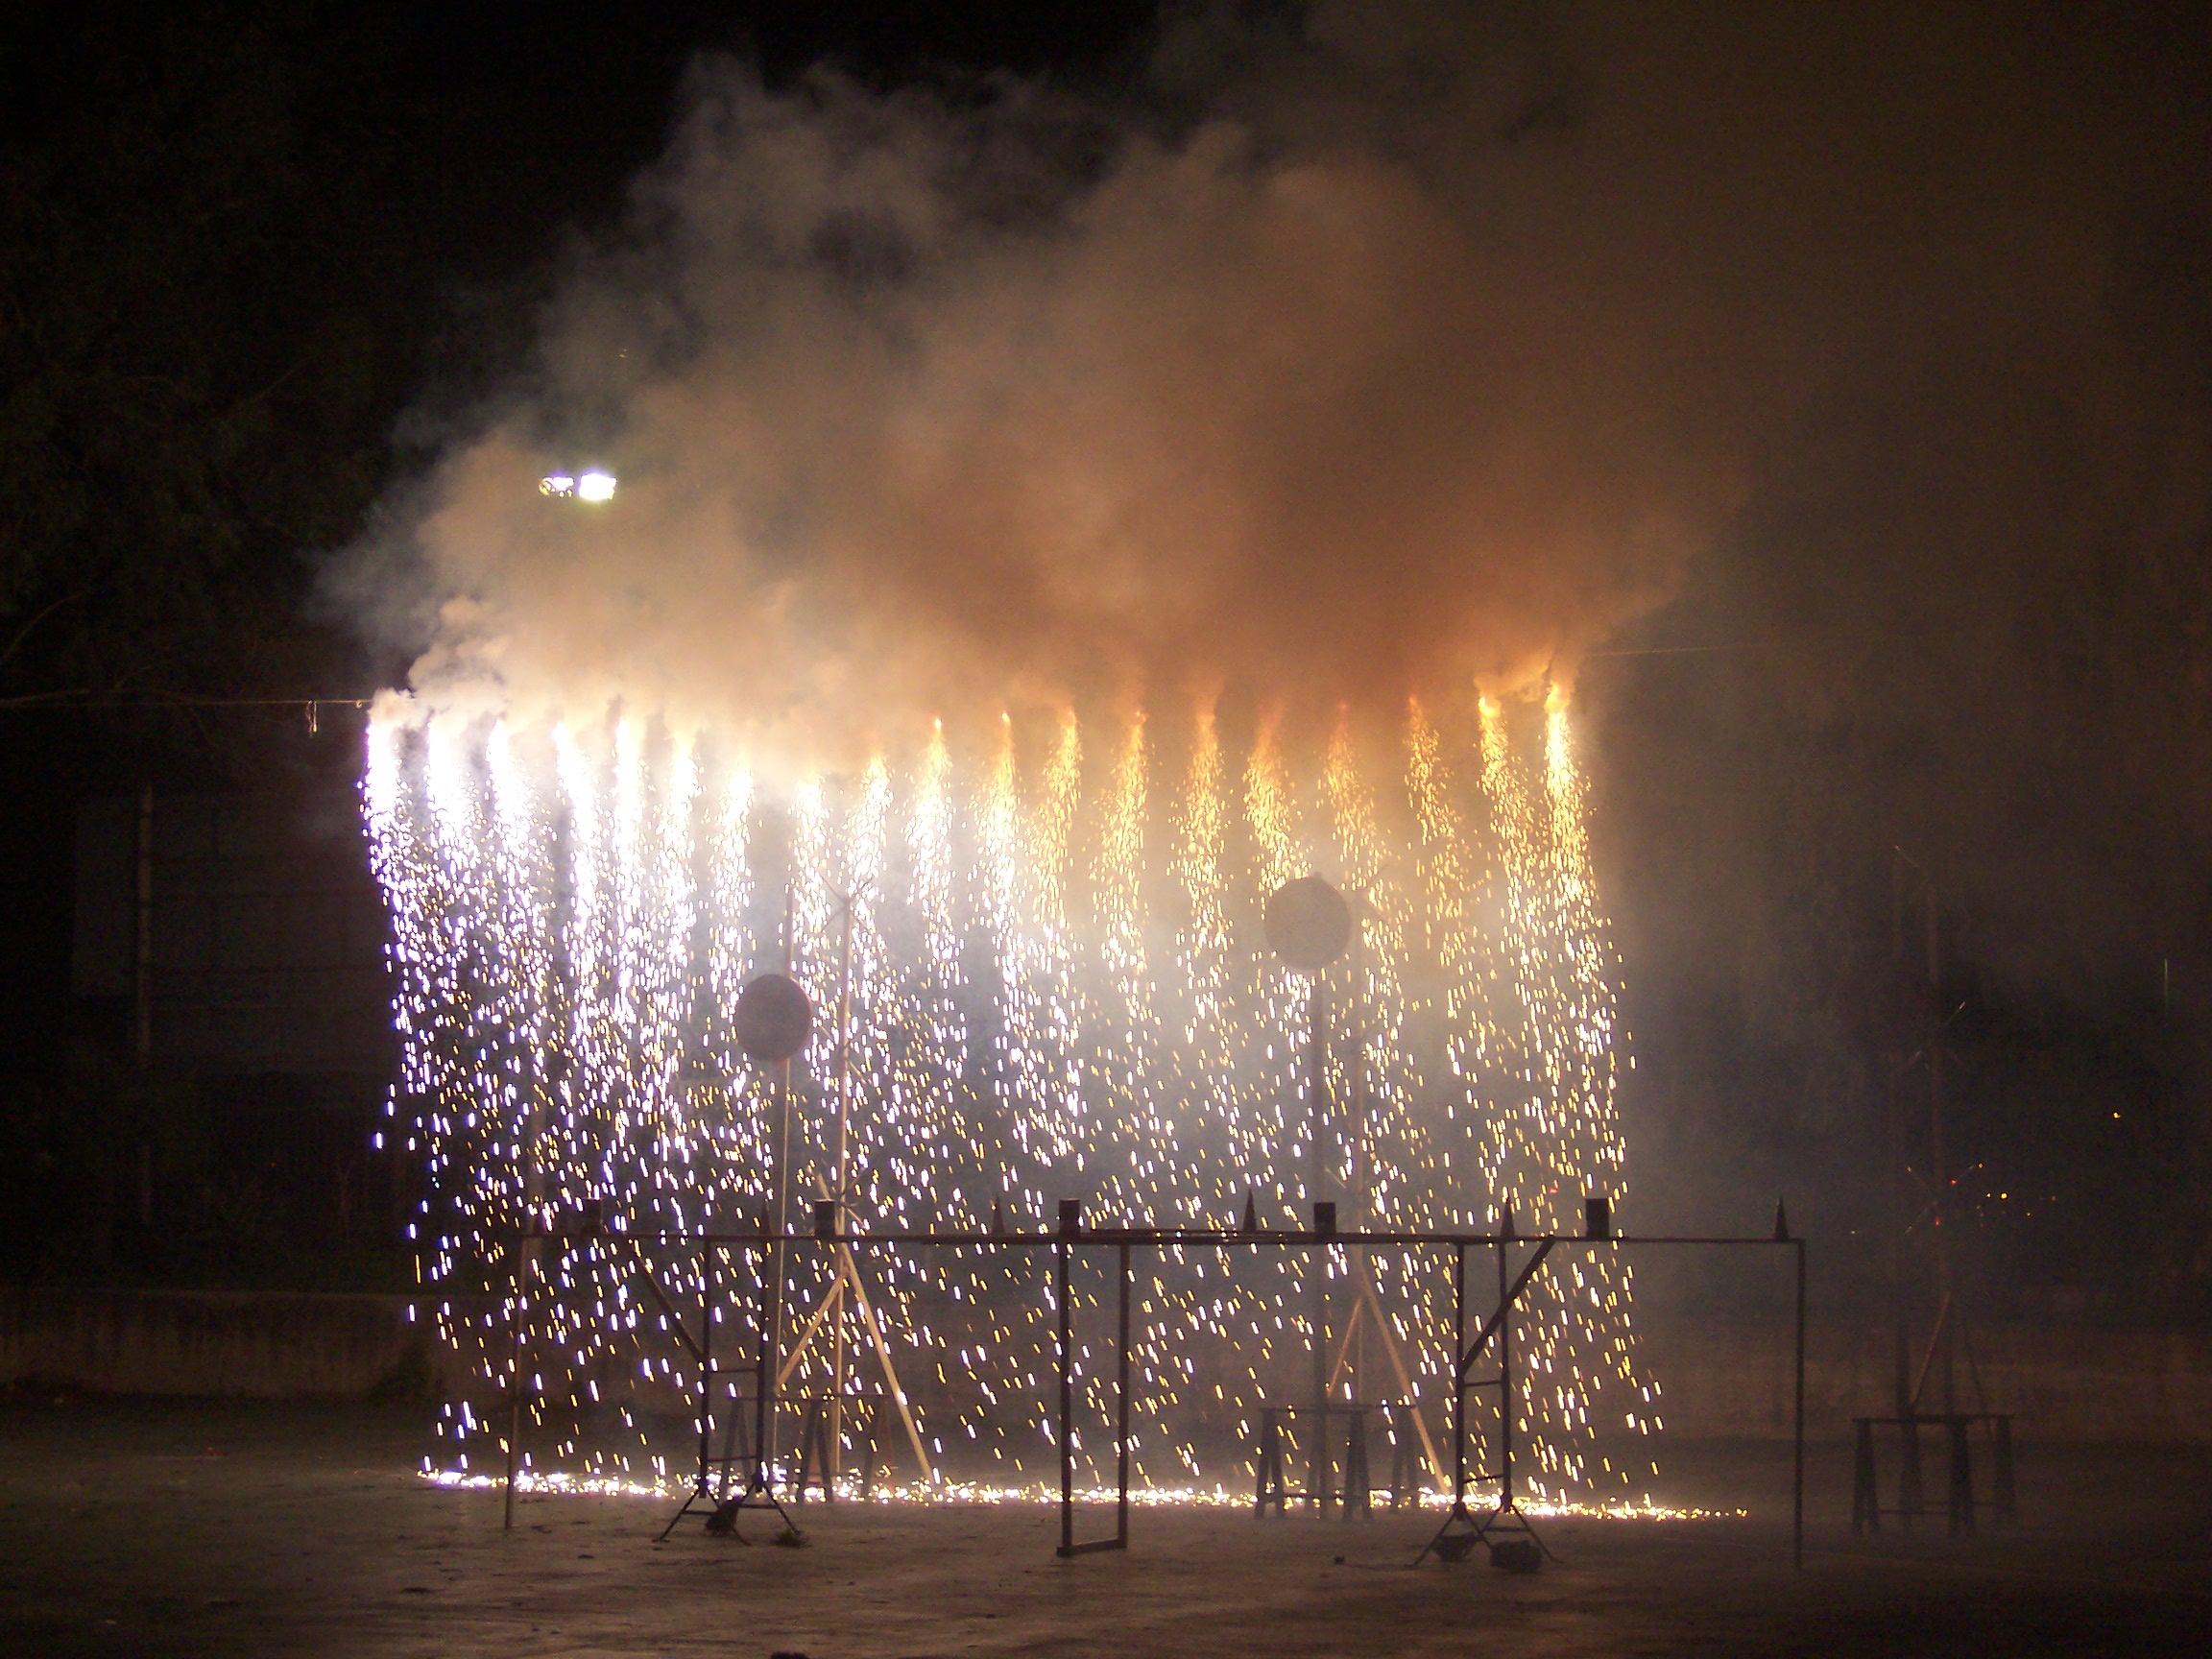 fuochi d'artificio di Antonio De Felice